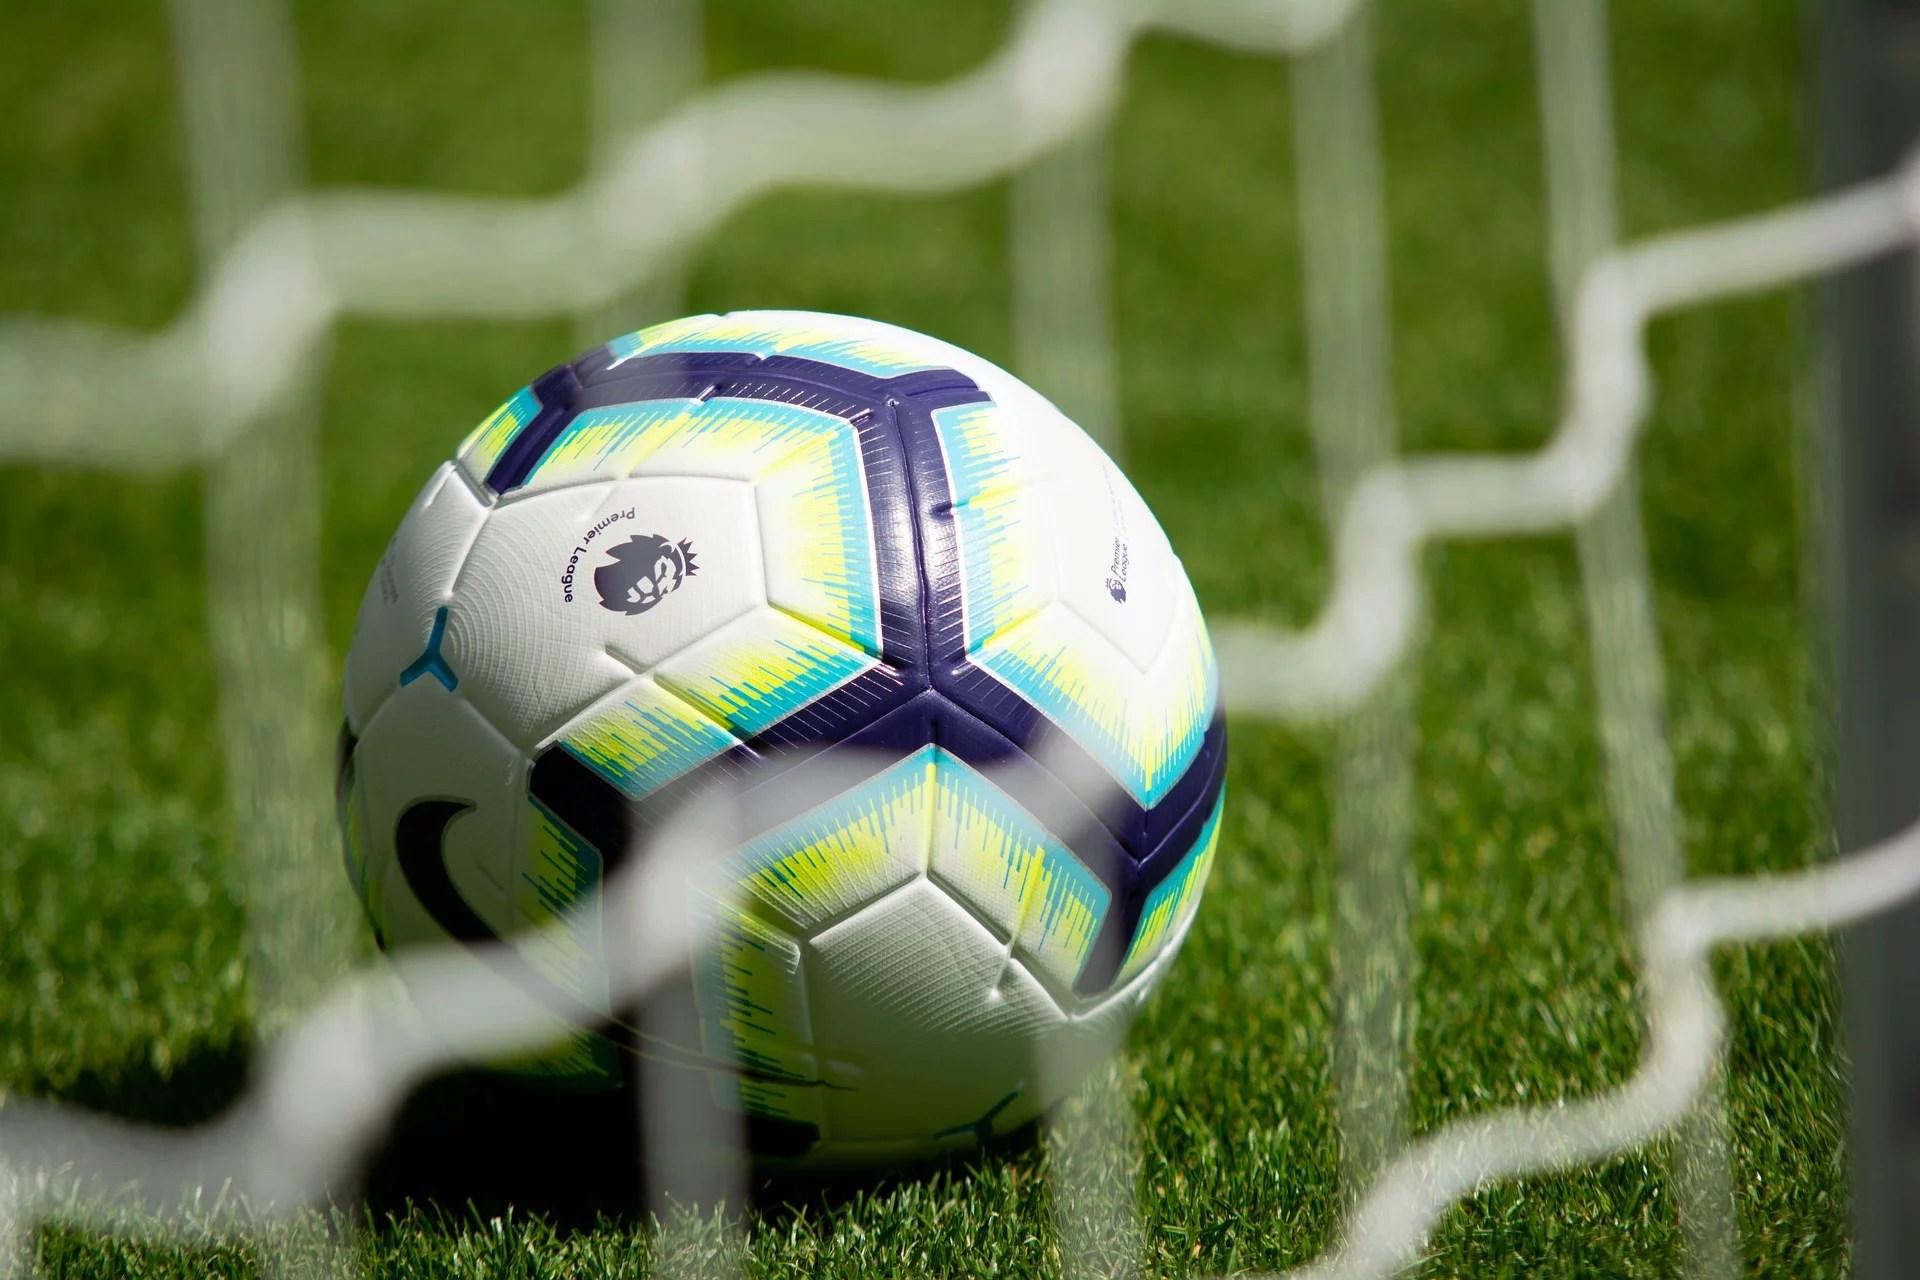 Plataforma de inversión criptográfica e-Toro consolida su presencia en el fútbol inglés luego de renovar sociedades con los clubes Leicester City y Everton